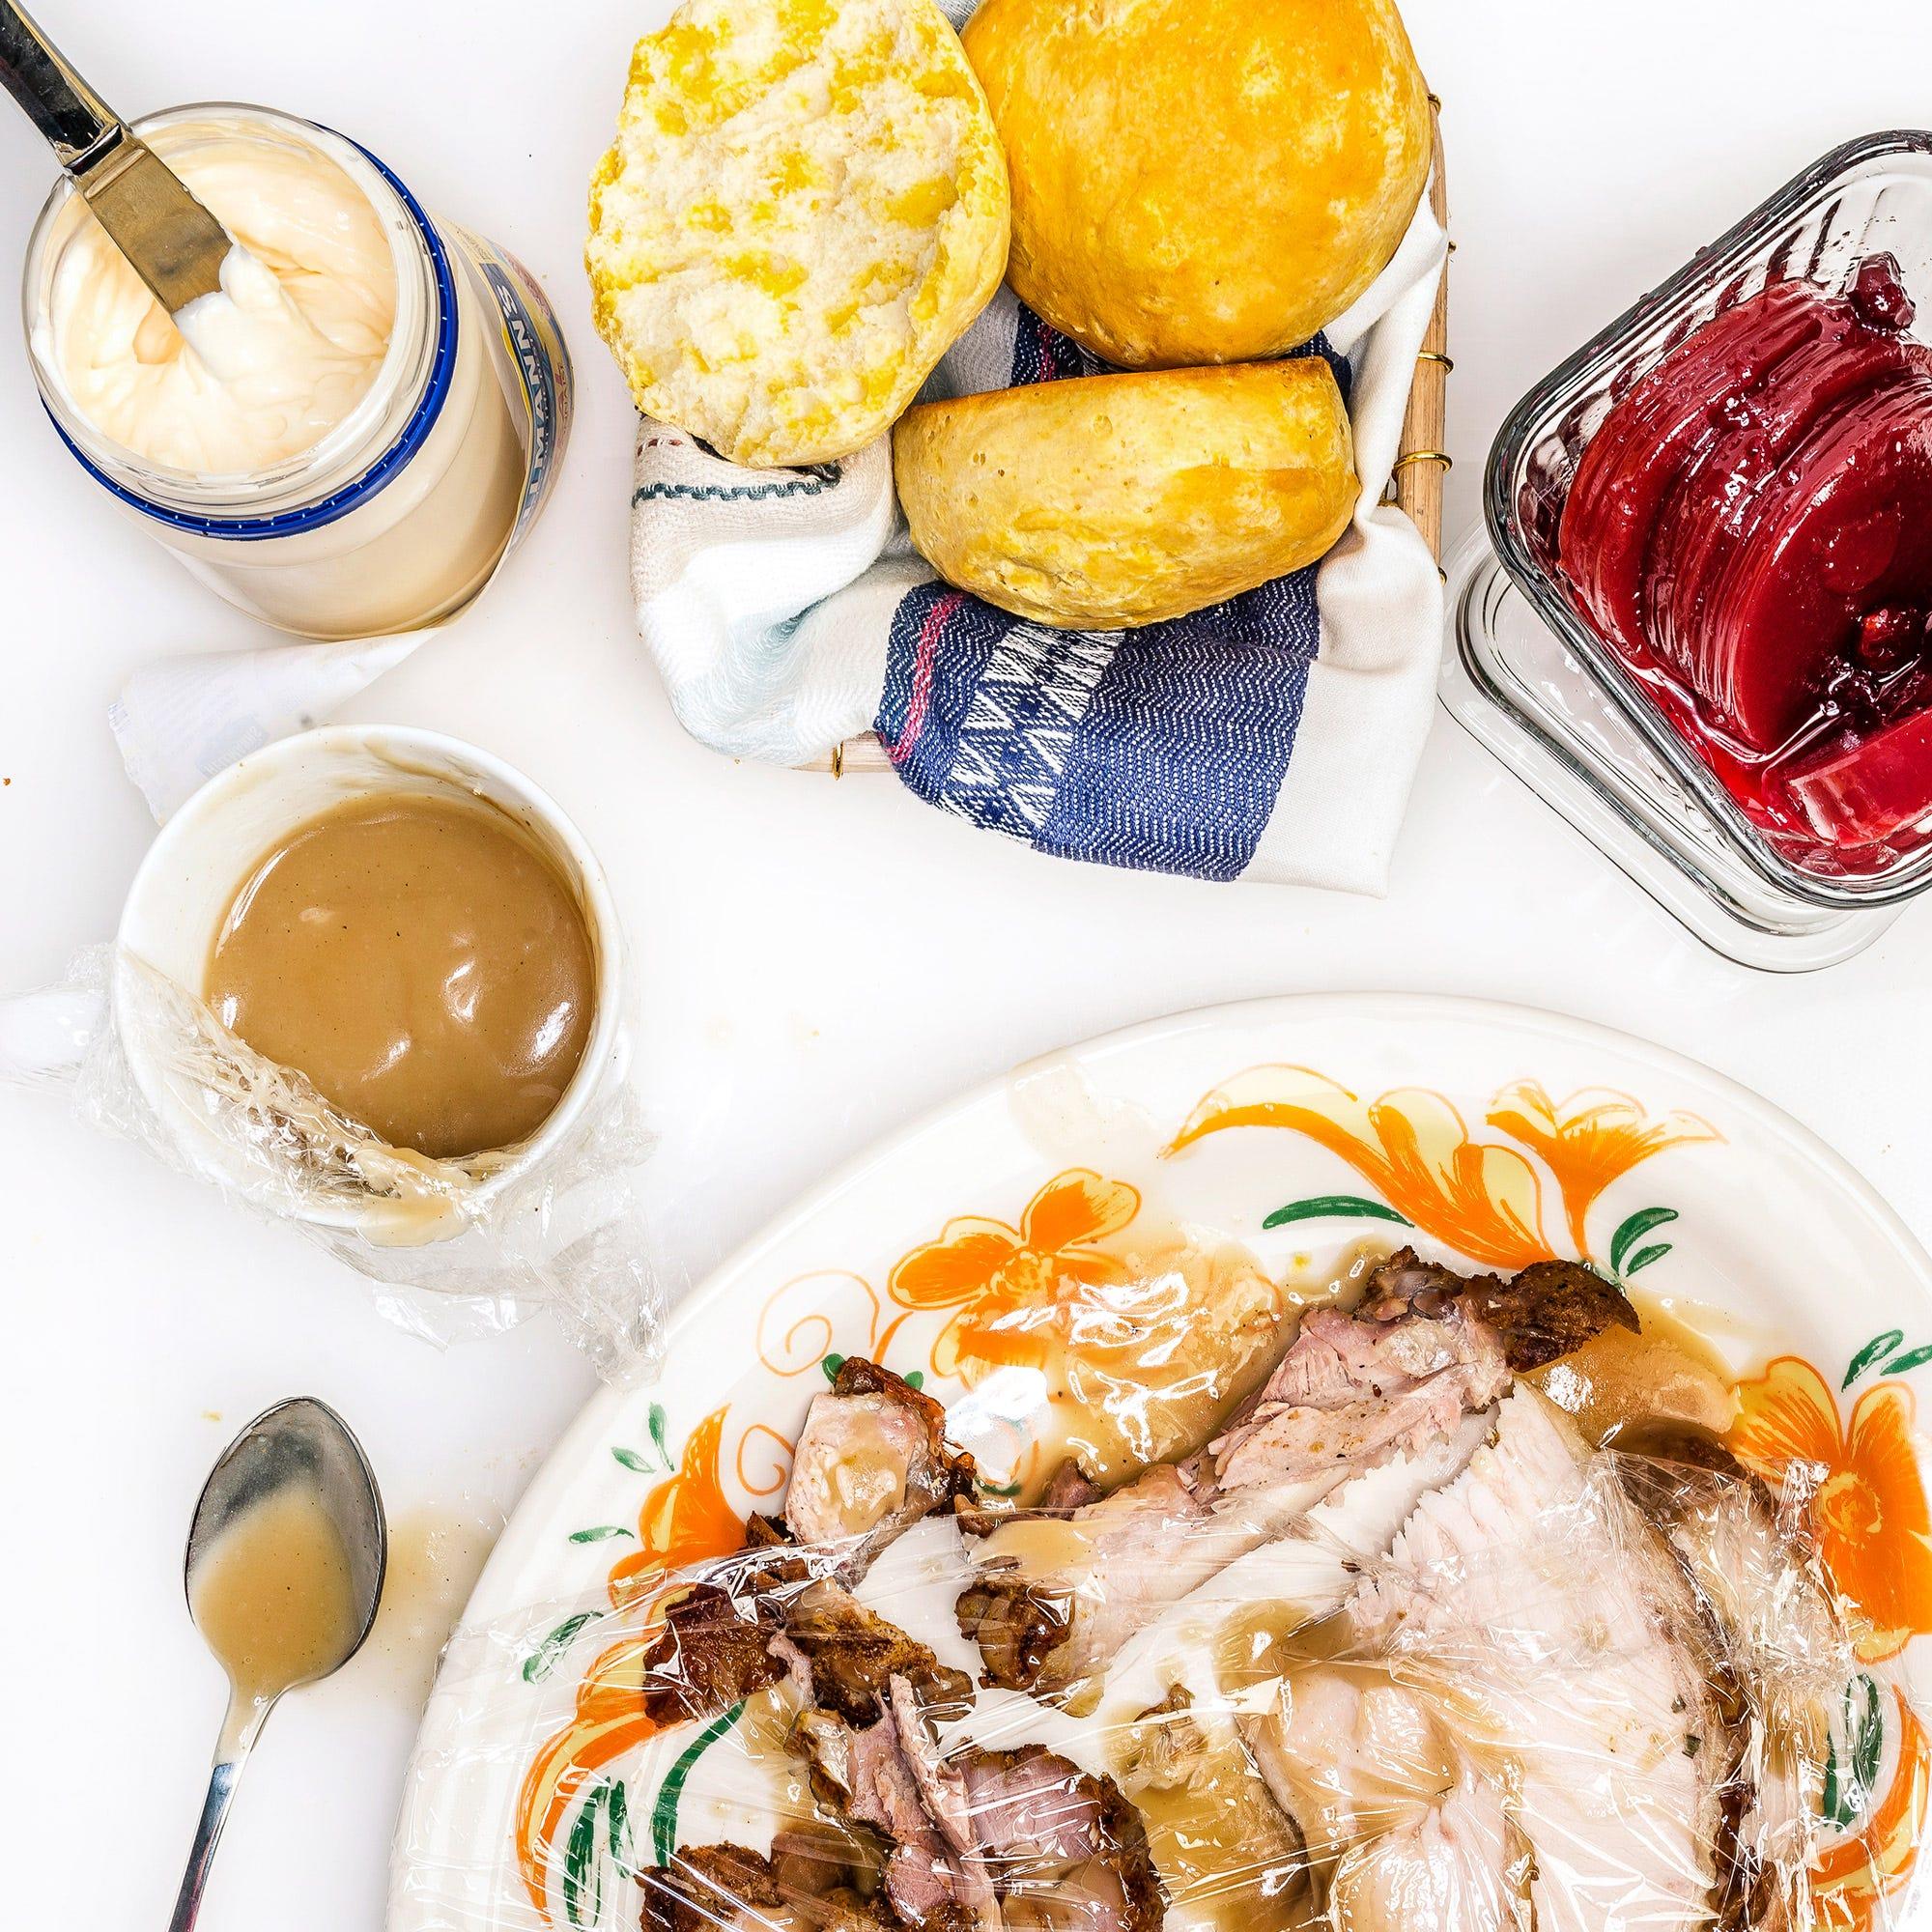 Best Breakfast Recipes - Tasty Morning Meals